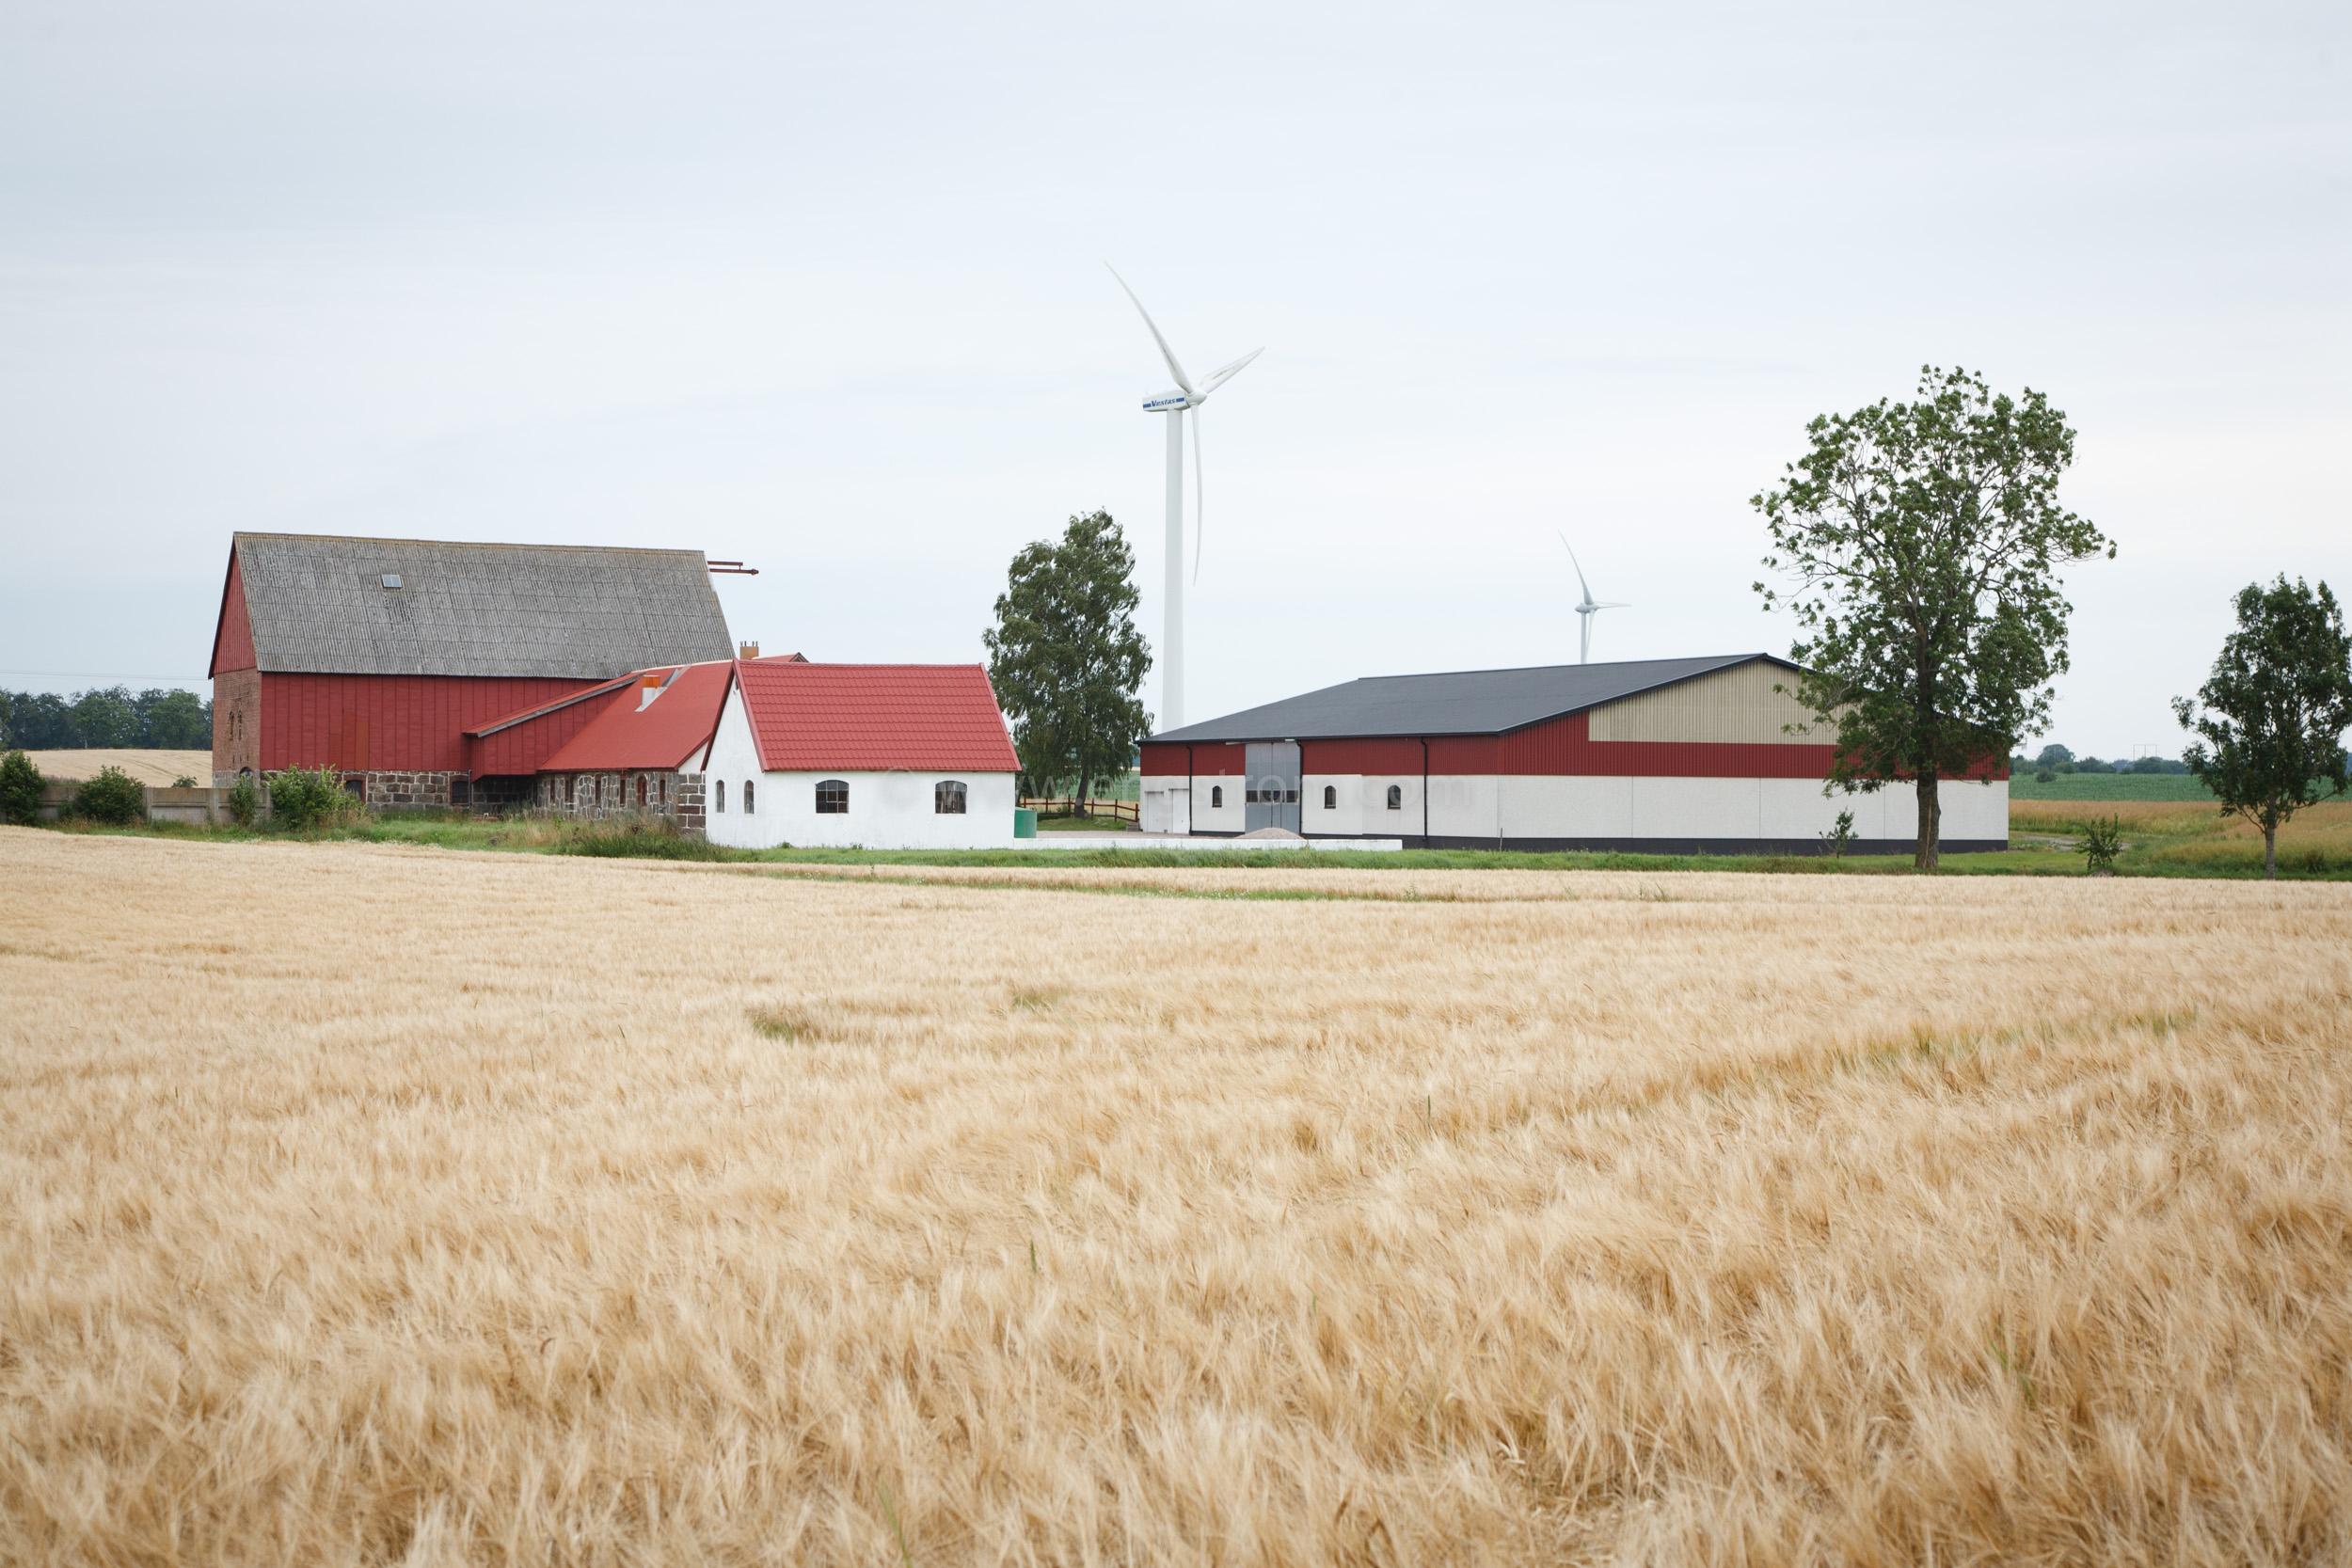 JE_20110717-095703, Korn framför gård med vindkraftverk, Jonas Engström